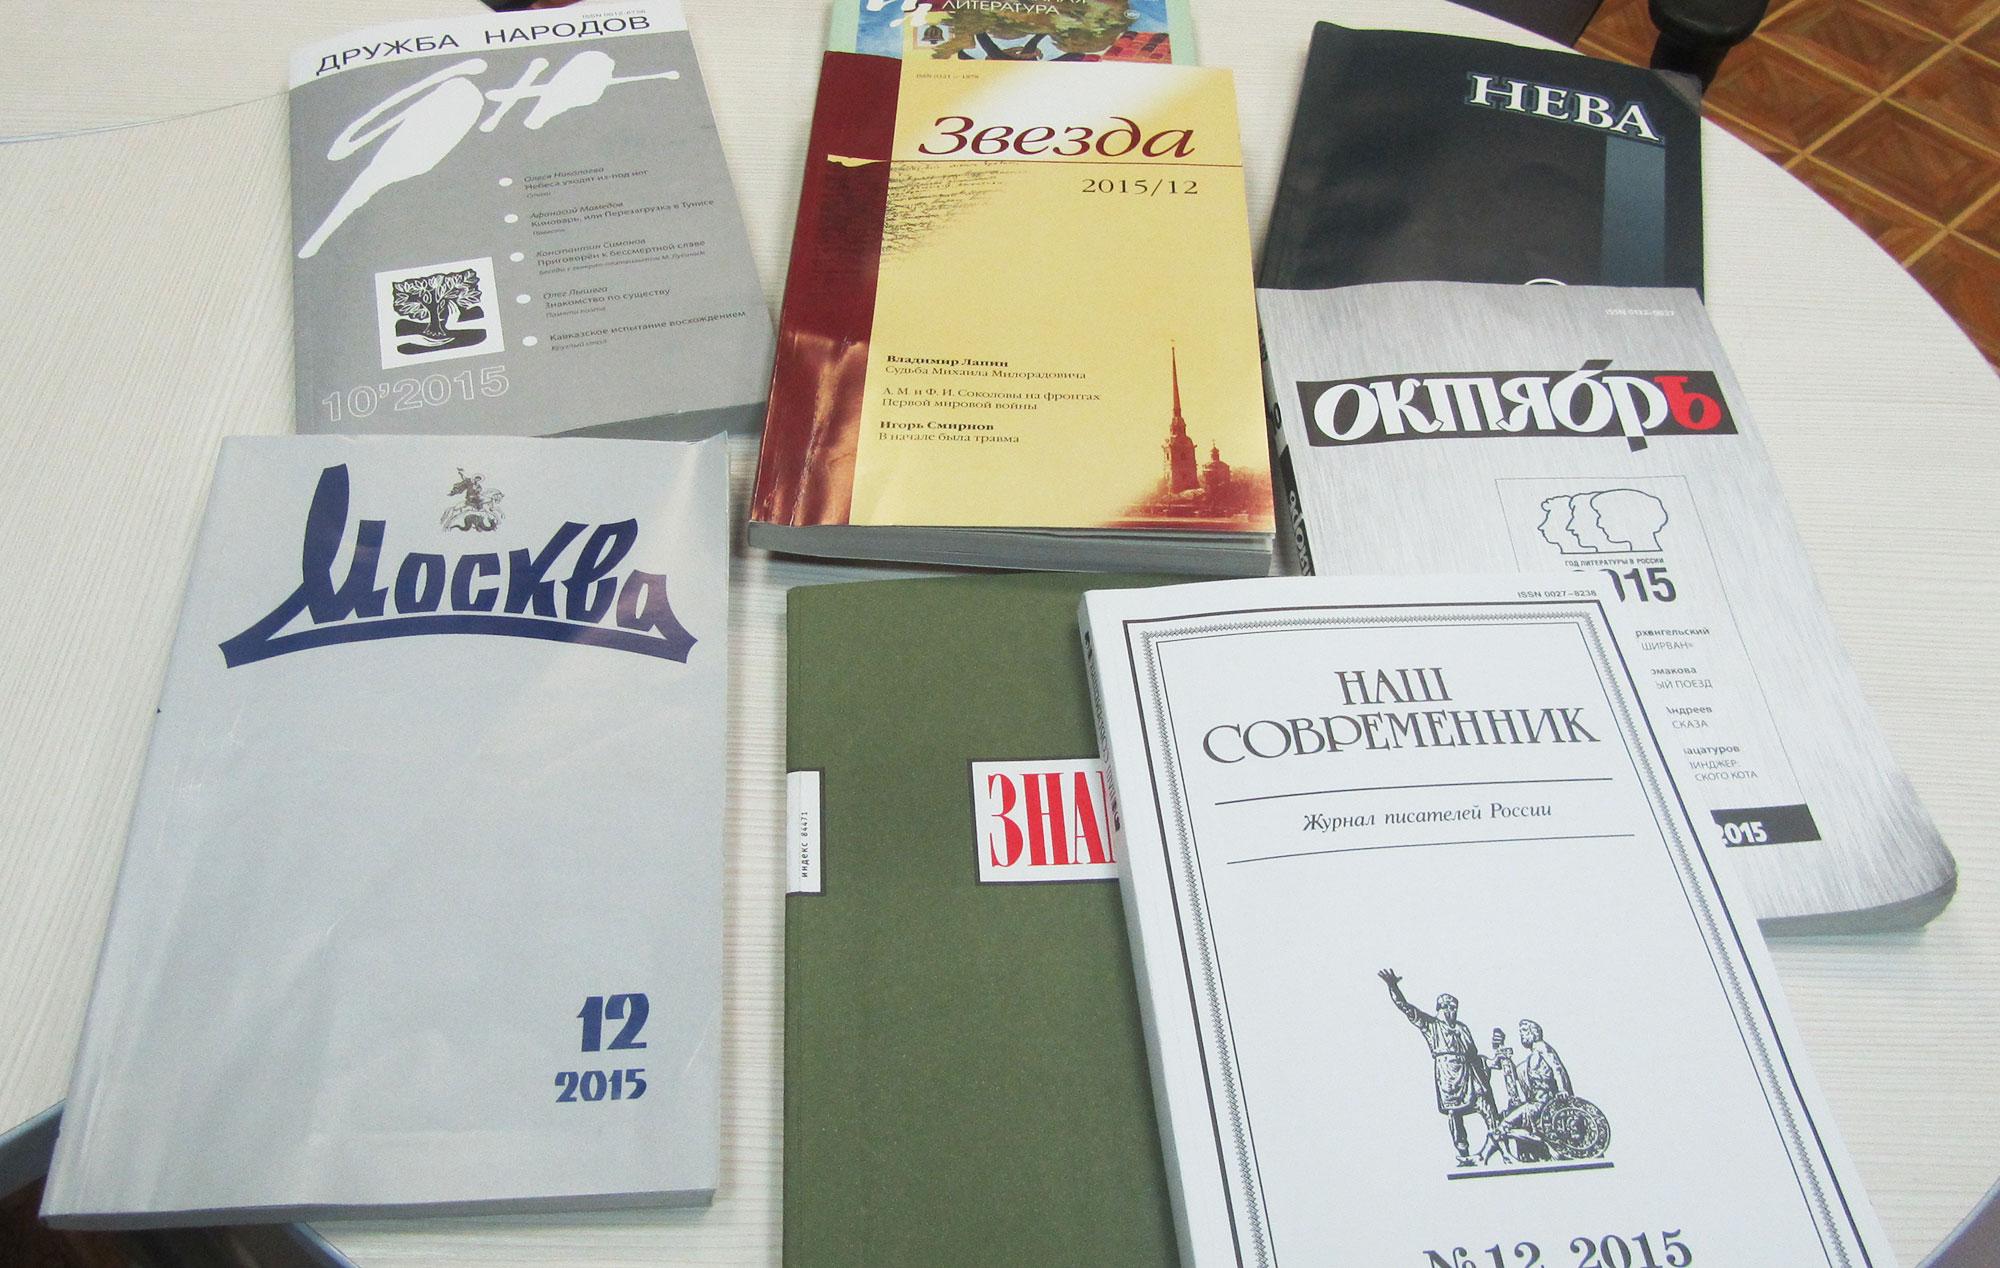 Enkele vermaarde literaire tijdschriften die wisten te overleven